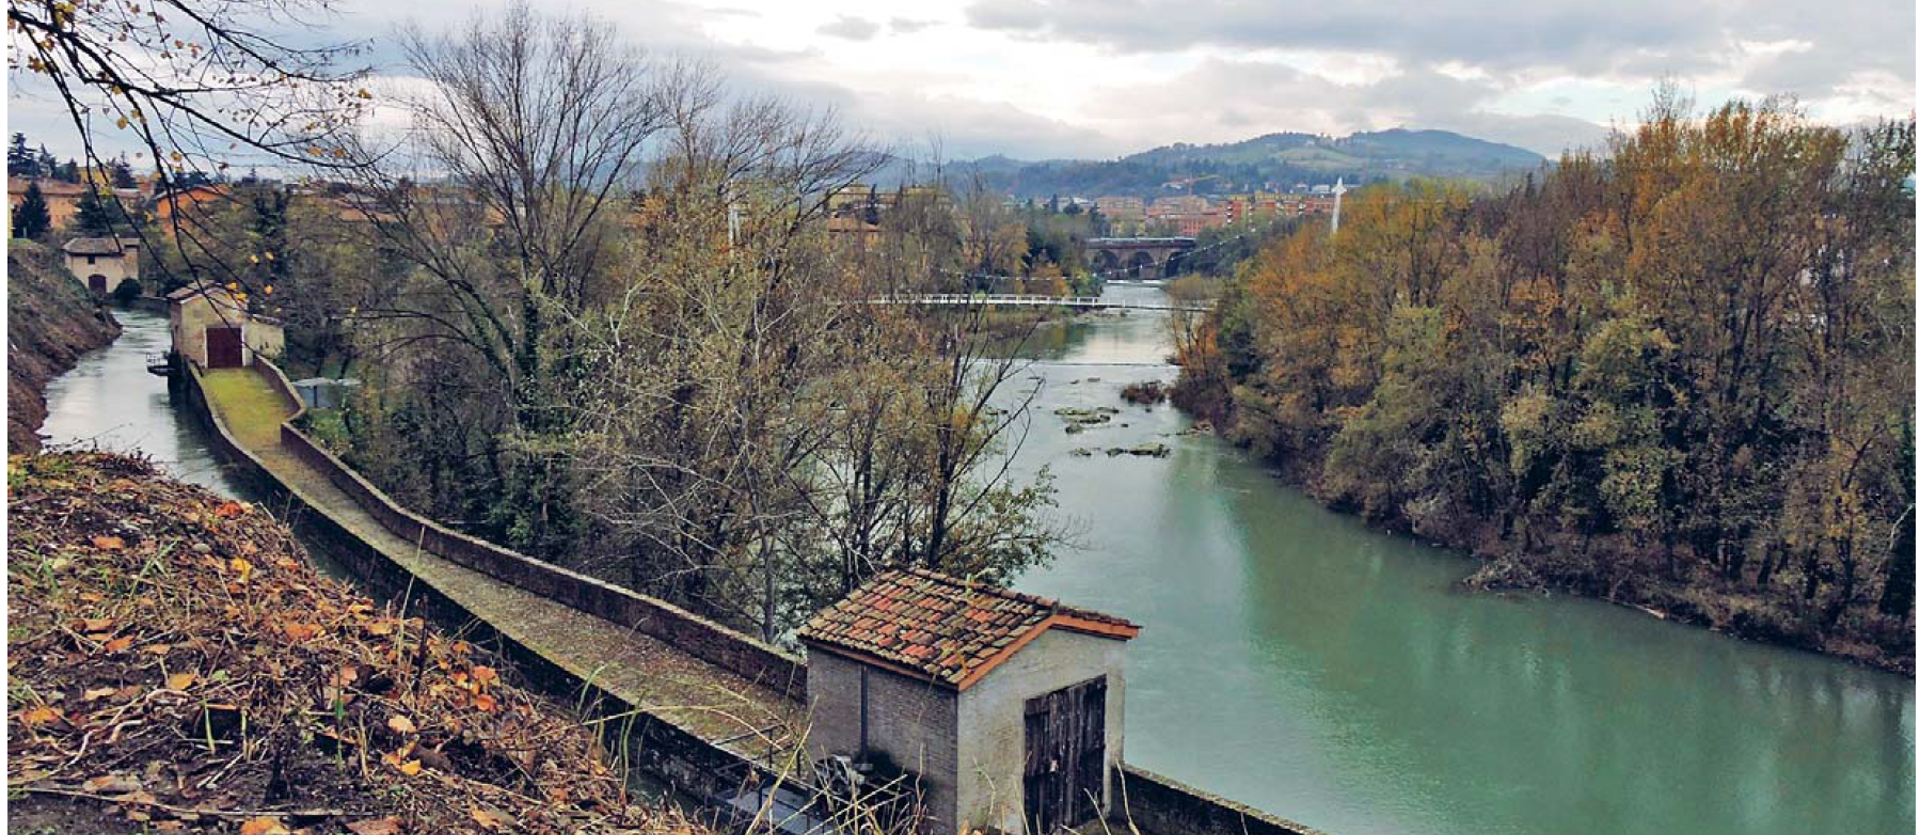 Canale del Reno - da Itinerari in Italia, testo e foto di Vito Paticchia